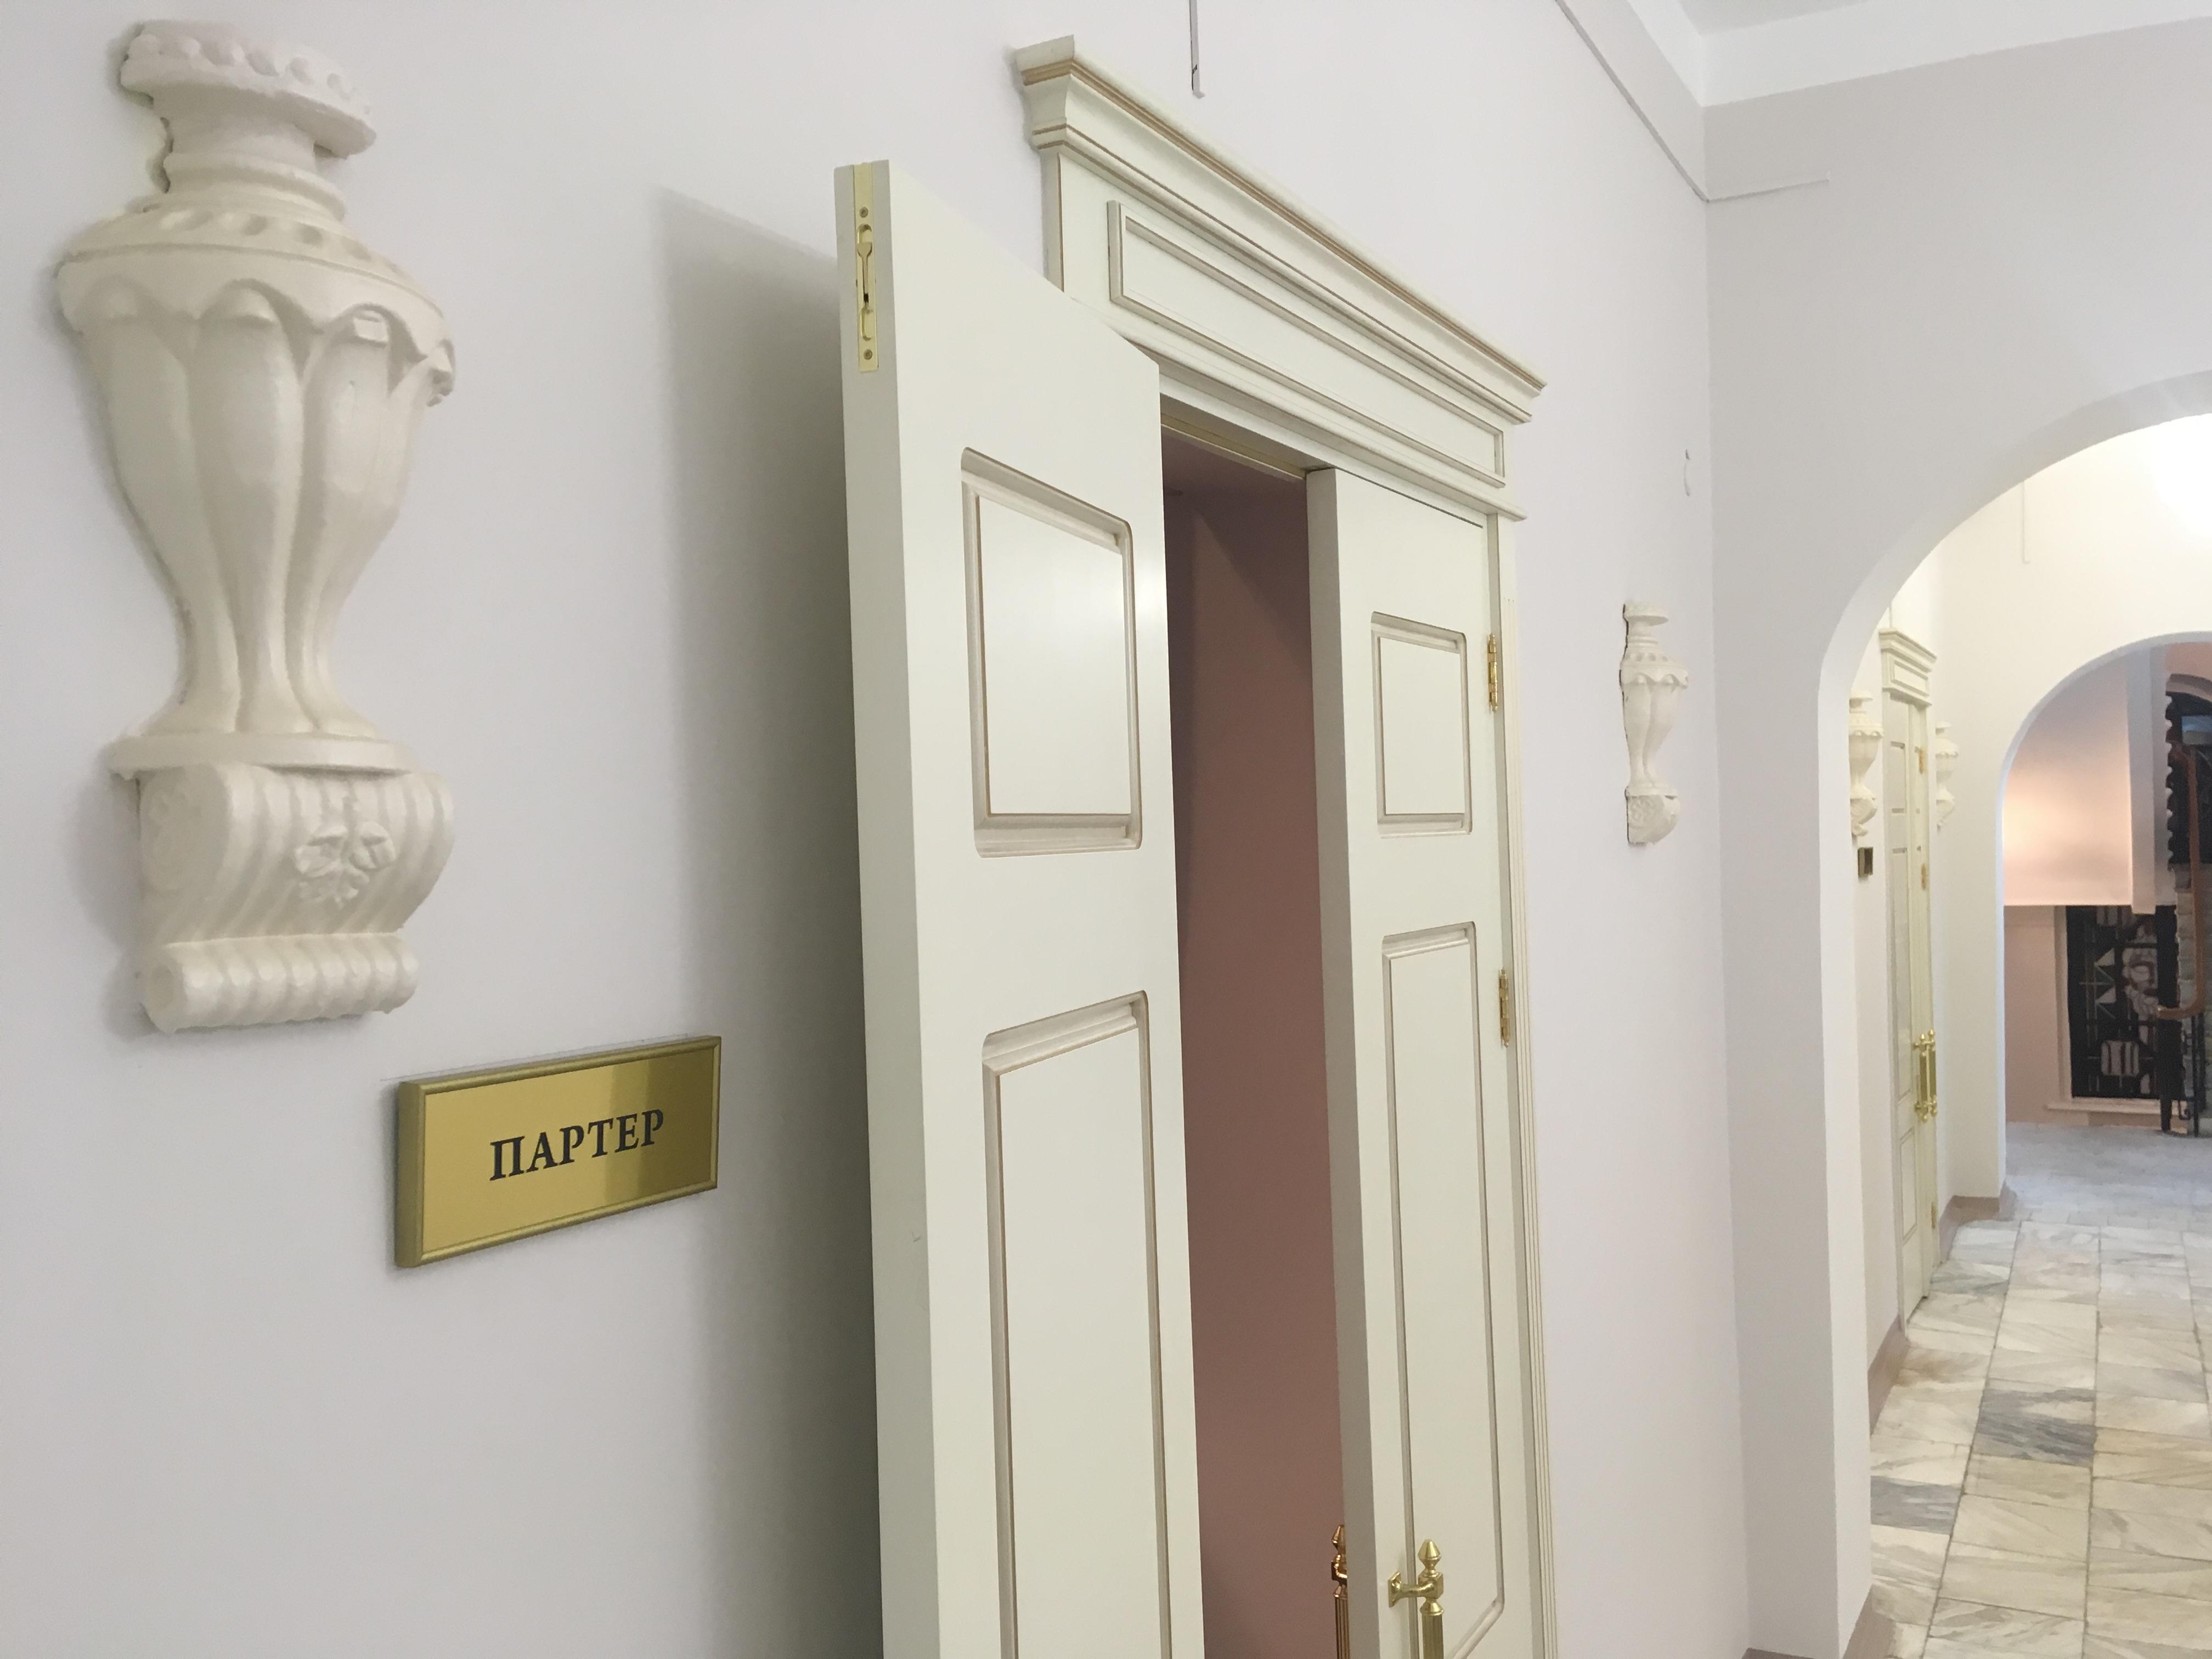 Театр открывает свои двери 4